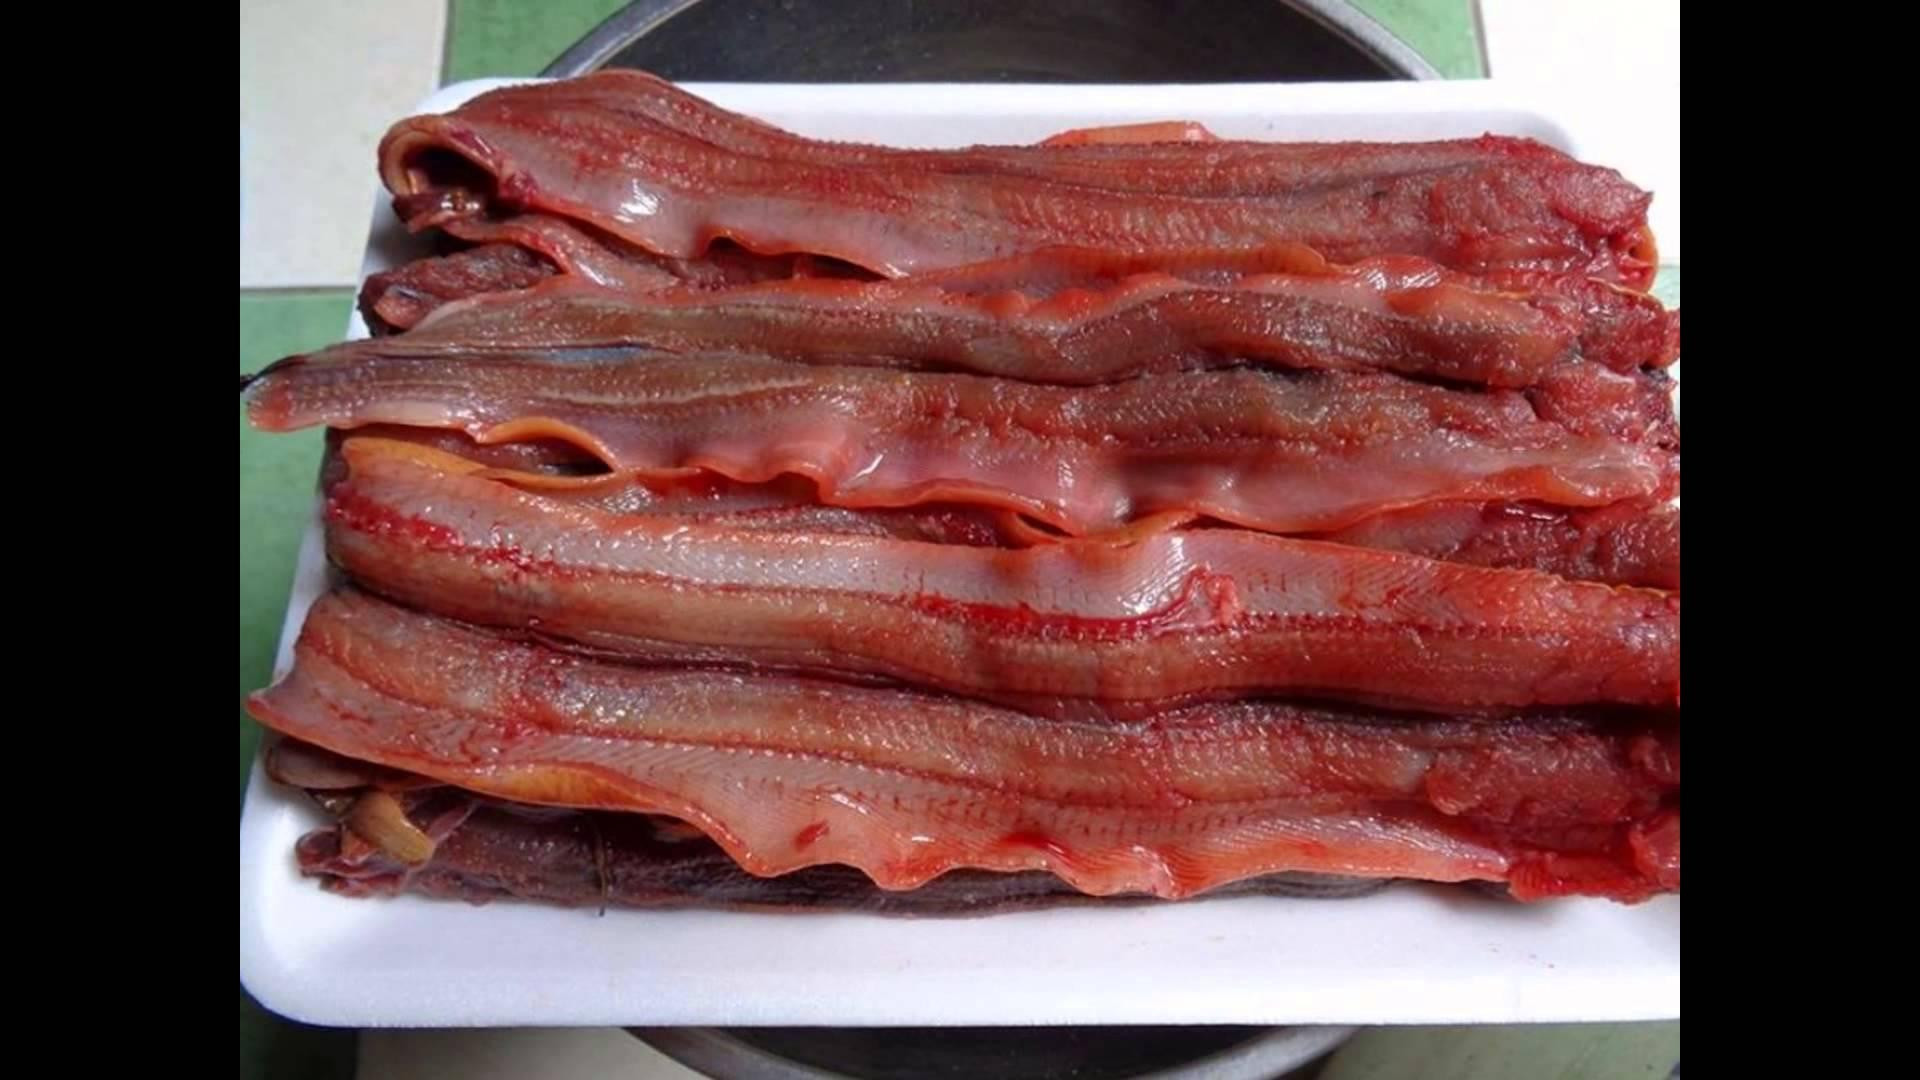 cách nấu cháo lươn ngon ngọt không tanh 2